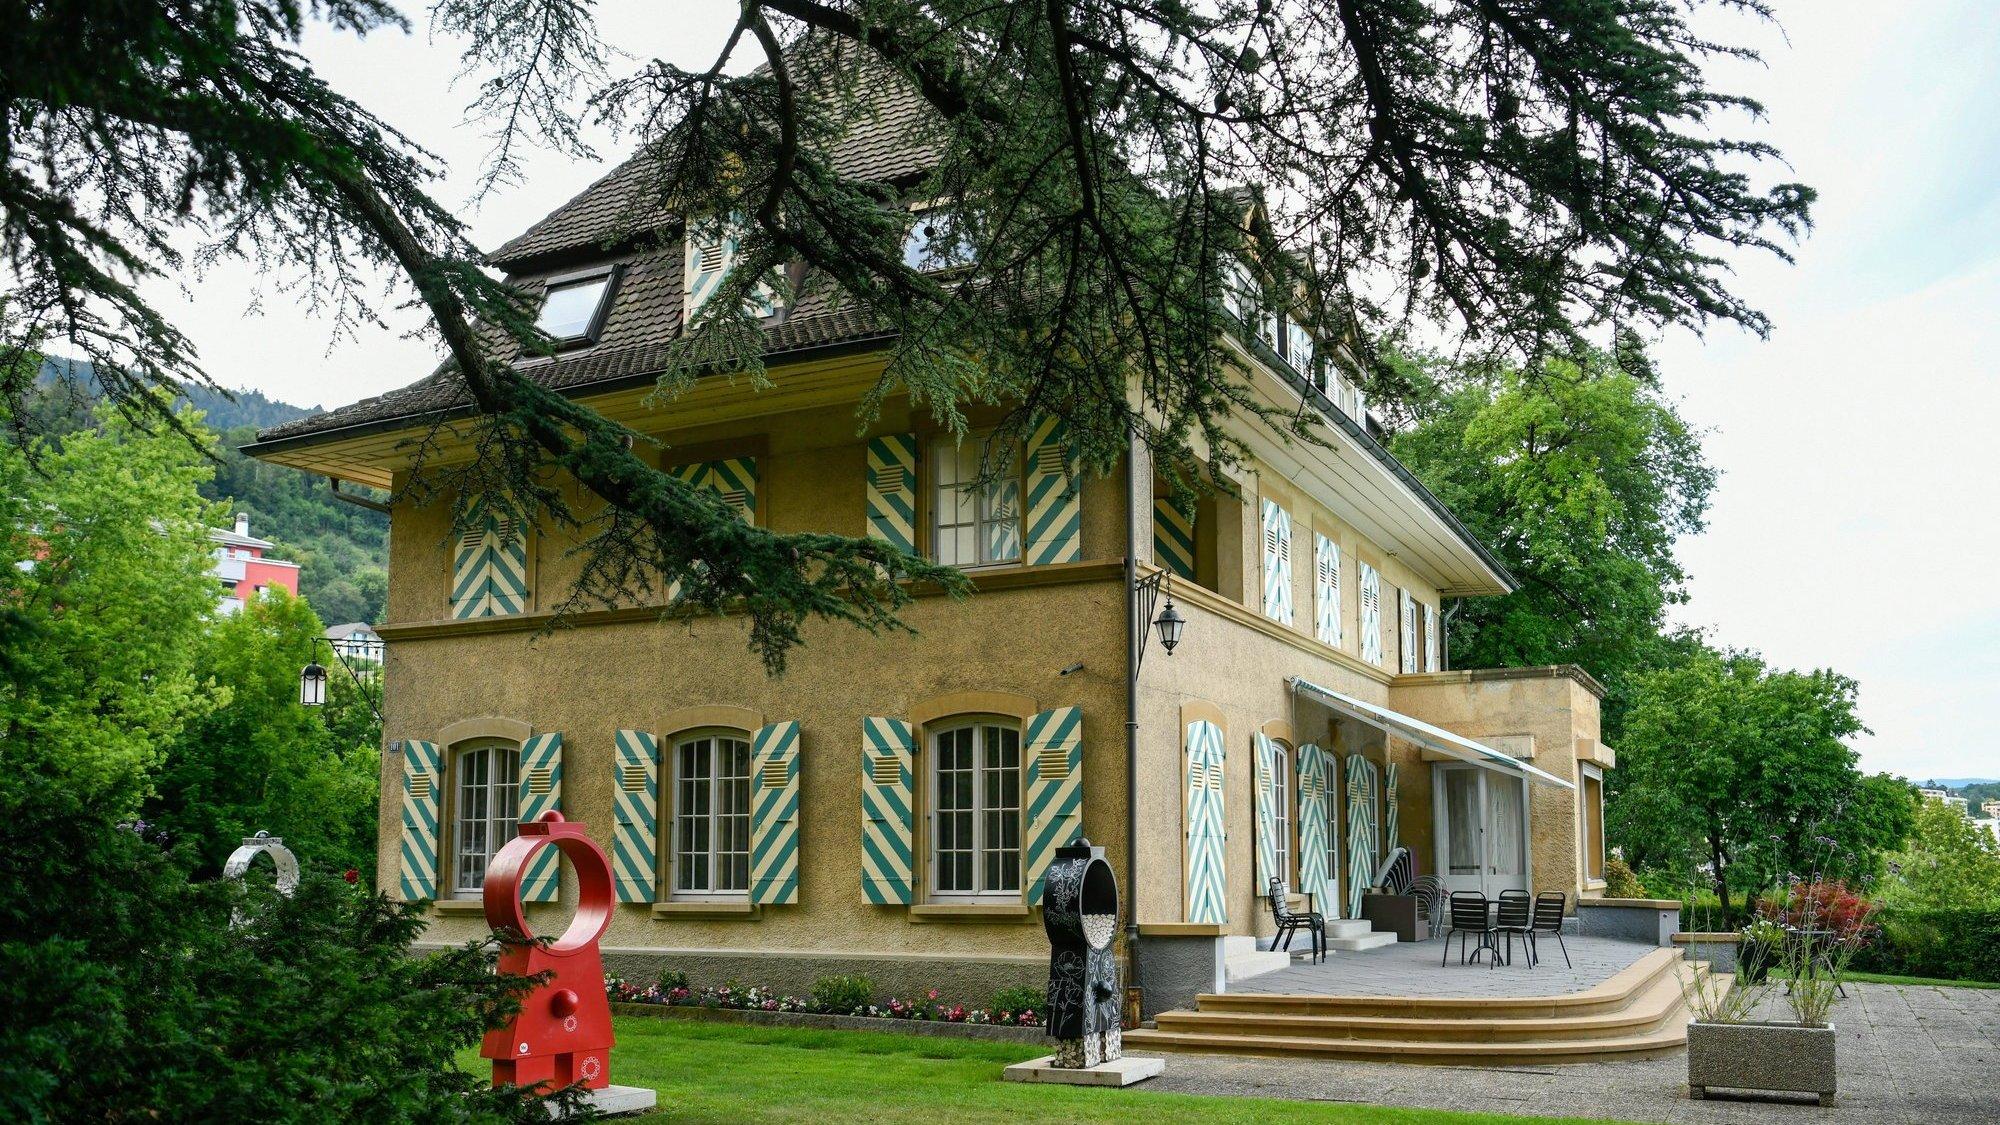 Propriété de la Ville de Neuchâtel, la Villa Lardy accueillera du théâtre et de la danse cet été.